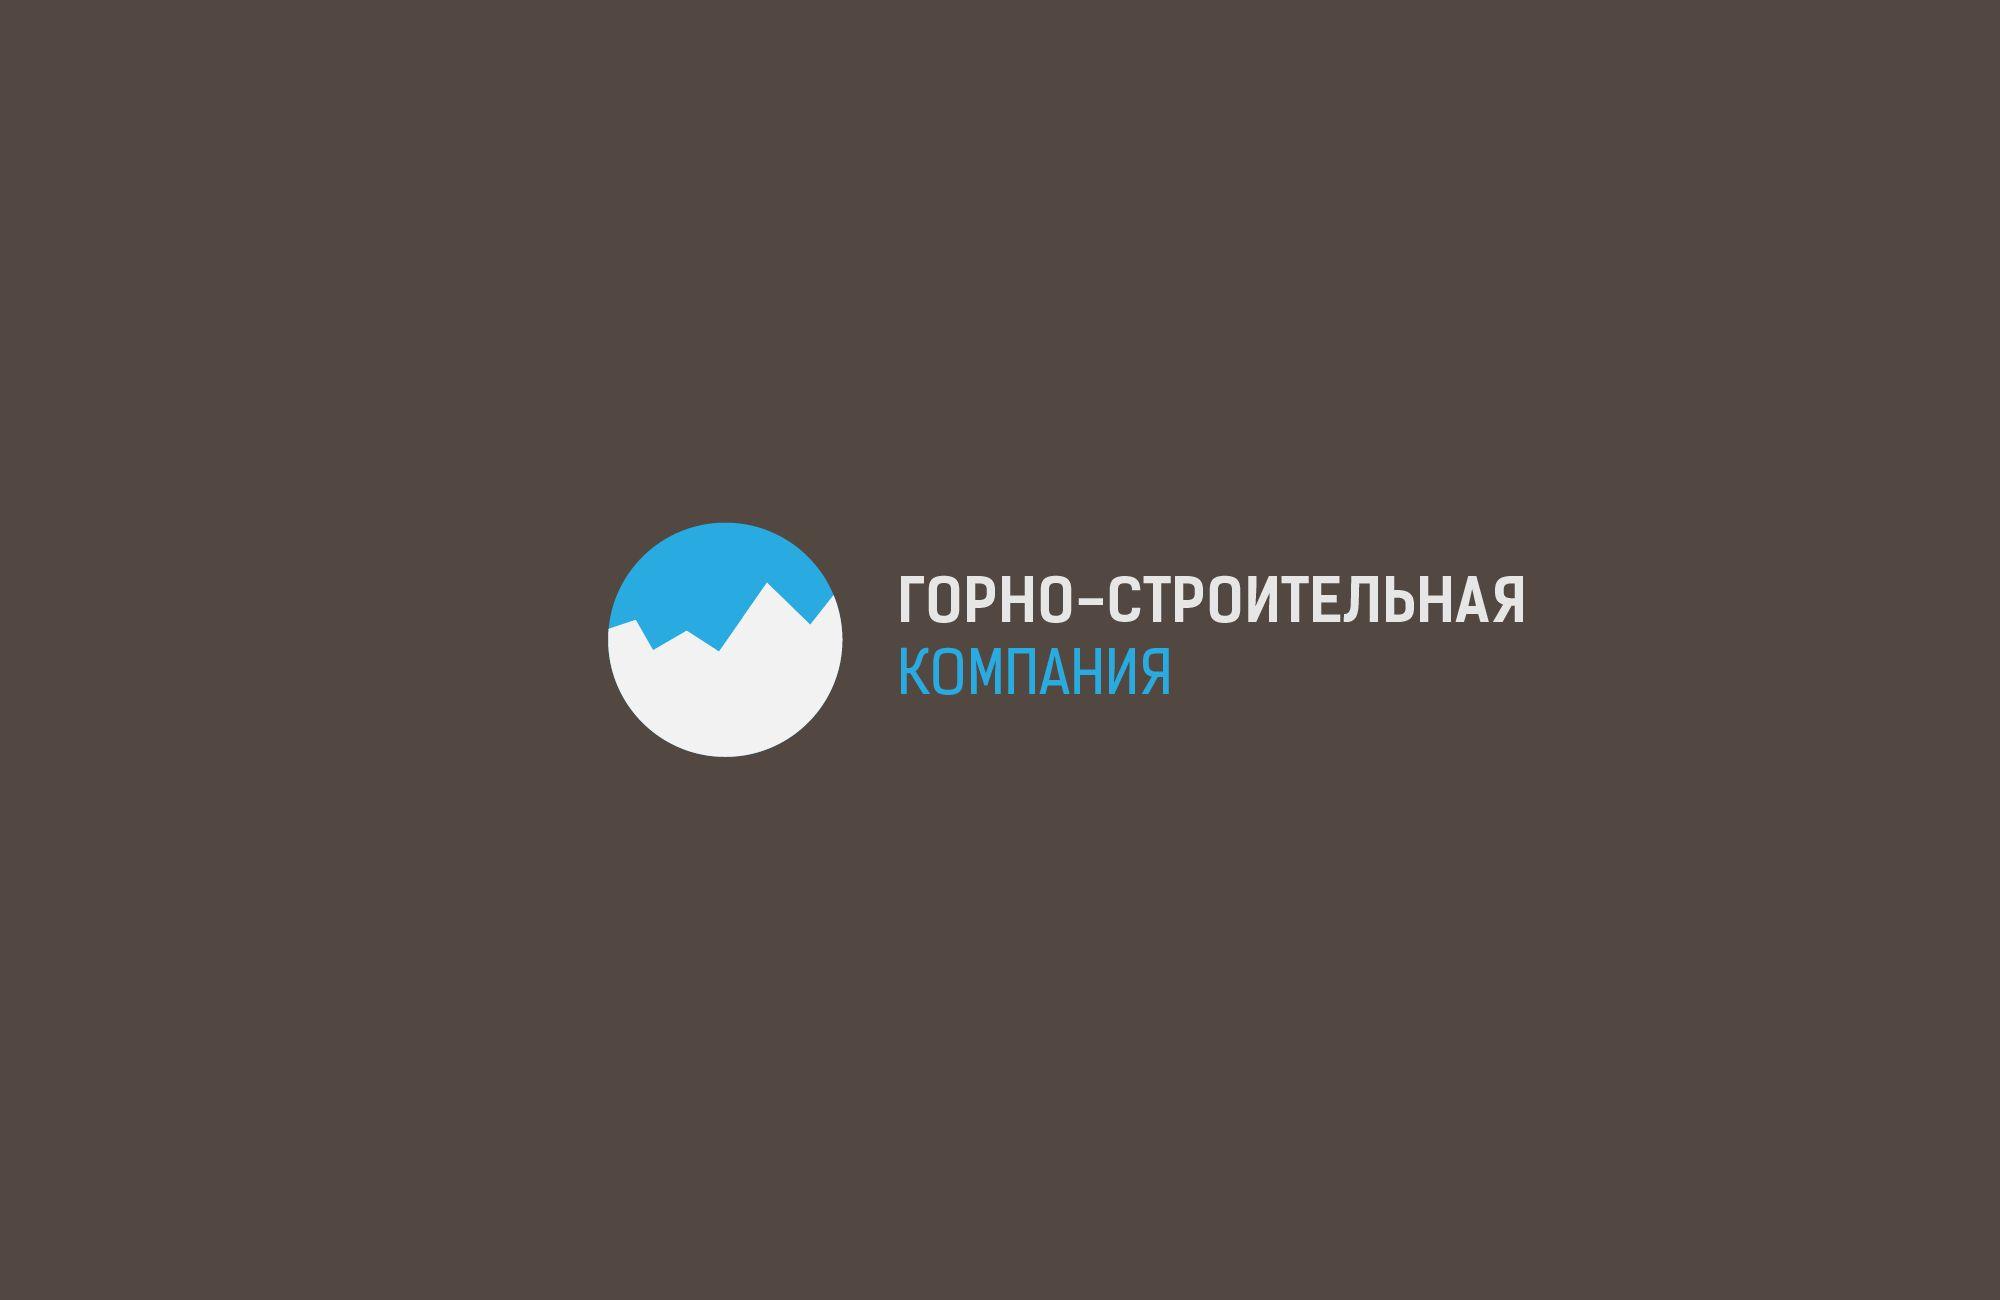 Логотип для Горно-Строительной Компании - дизайнер e5en